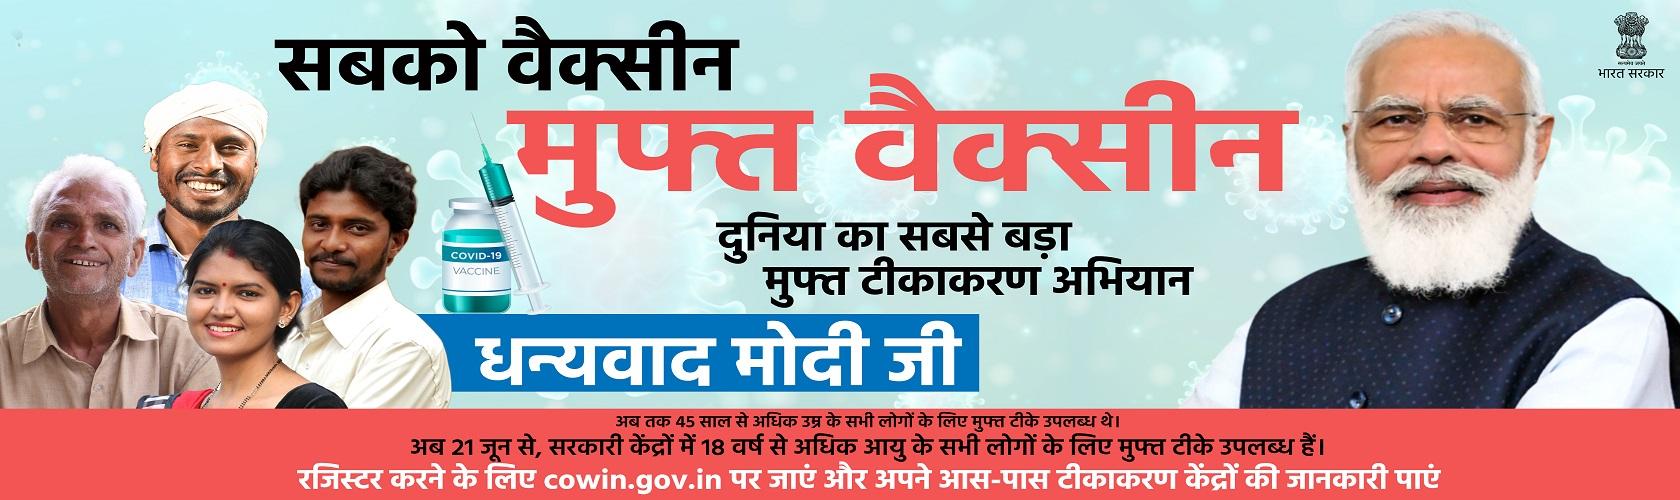 486994148(English) Vaccination-hindi